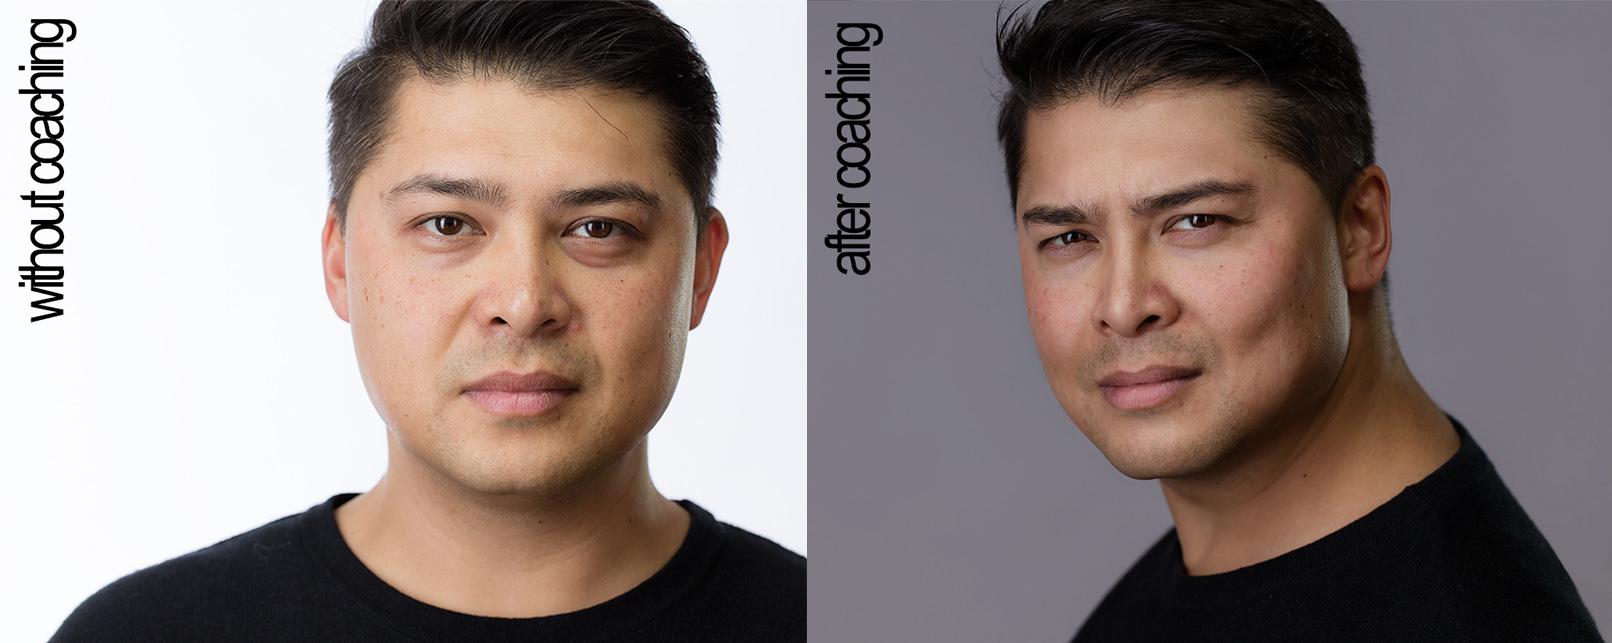 Headshot Portrait eines Mannes aus dem Tutorial zur Headshot-Fotografie